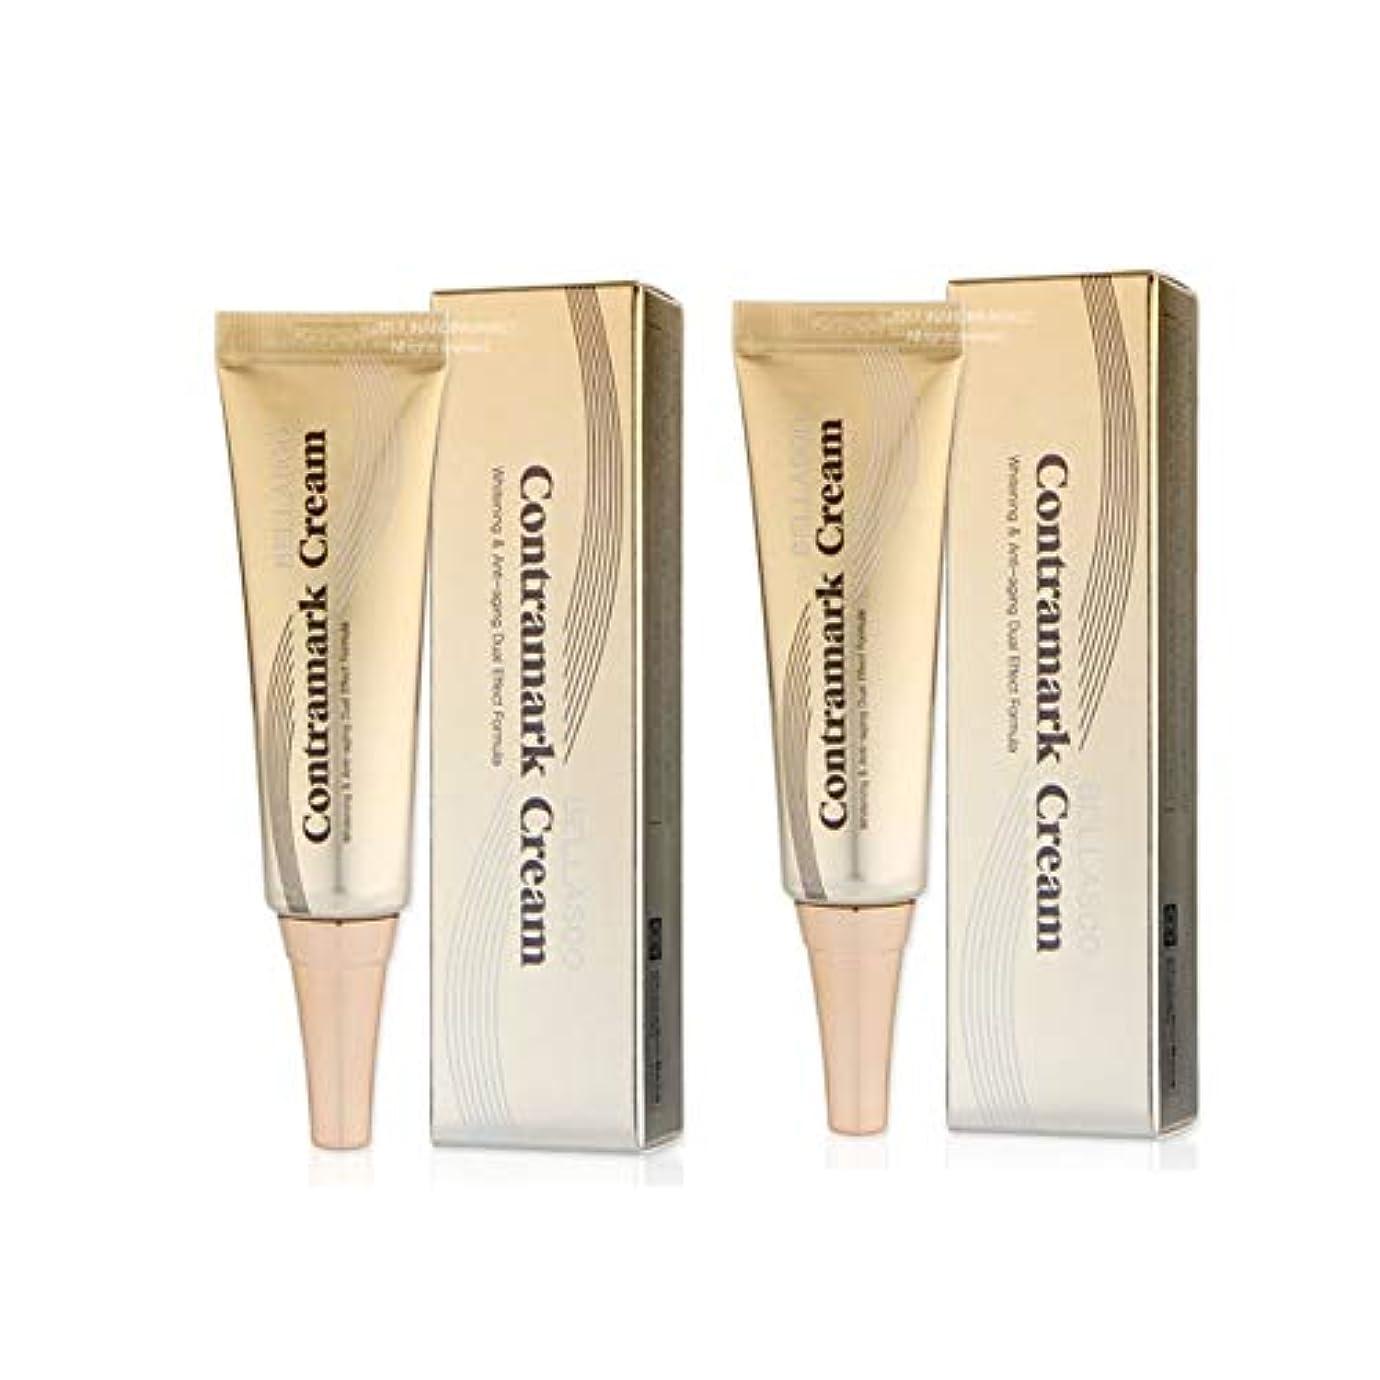 ワックスエネルギーグリーンバック鍾根堂ベラシュコントラマーククリーム20gx2本セットシミ?ソバカス韓国コスメ、Chong Kun Dang Bellasoo Contramark Cream 20g x 2ea Set Melasma Cream Korean...